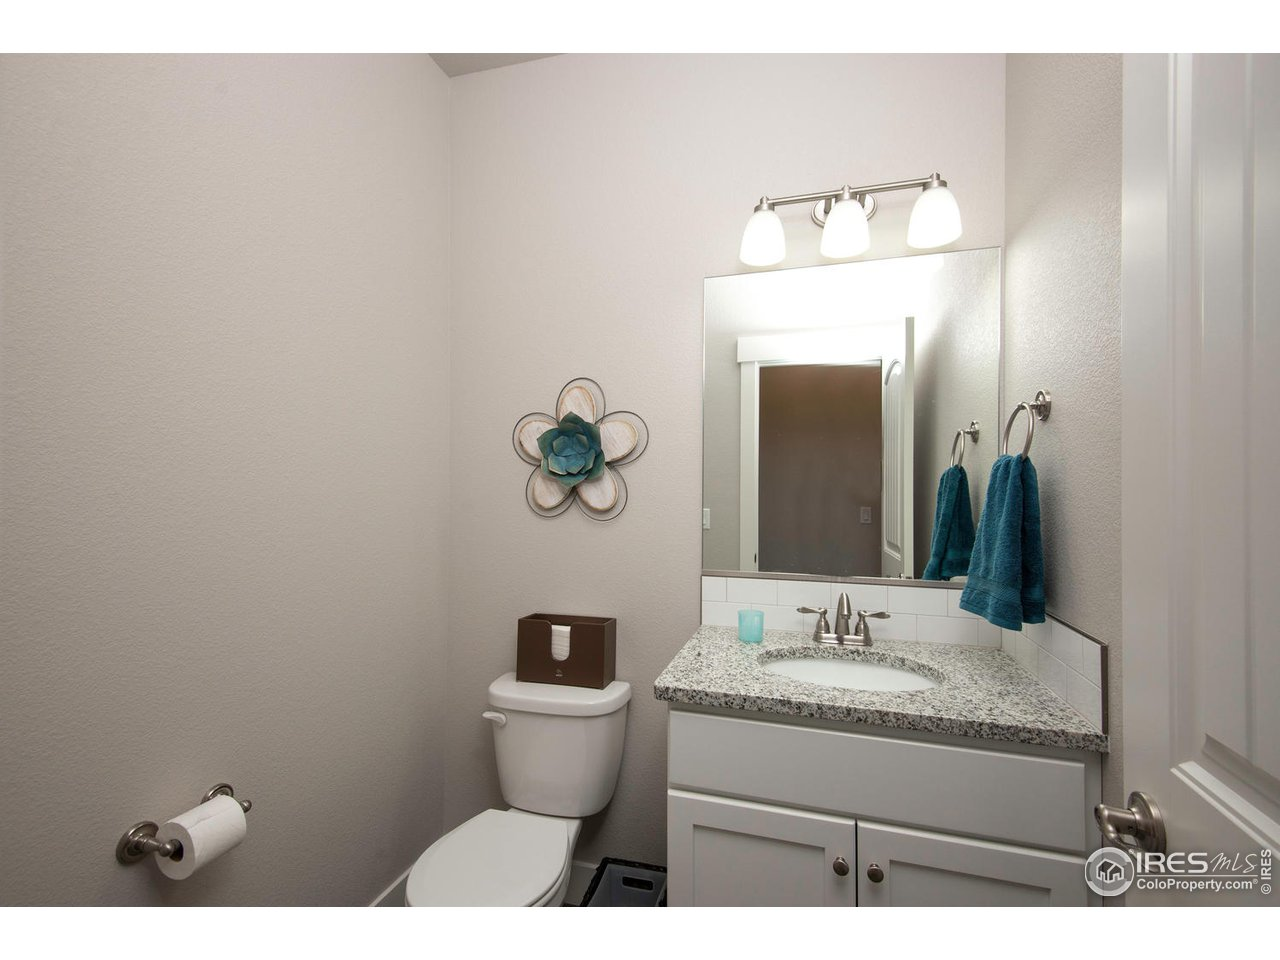 Main Flr 1/2 Bath